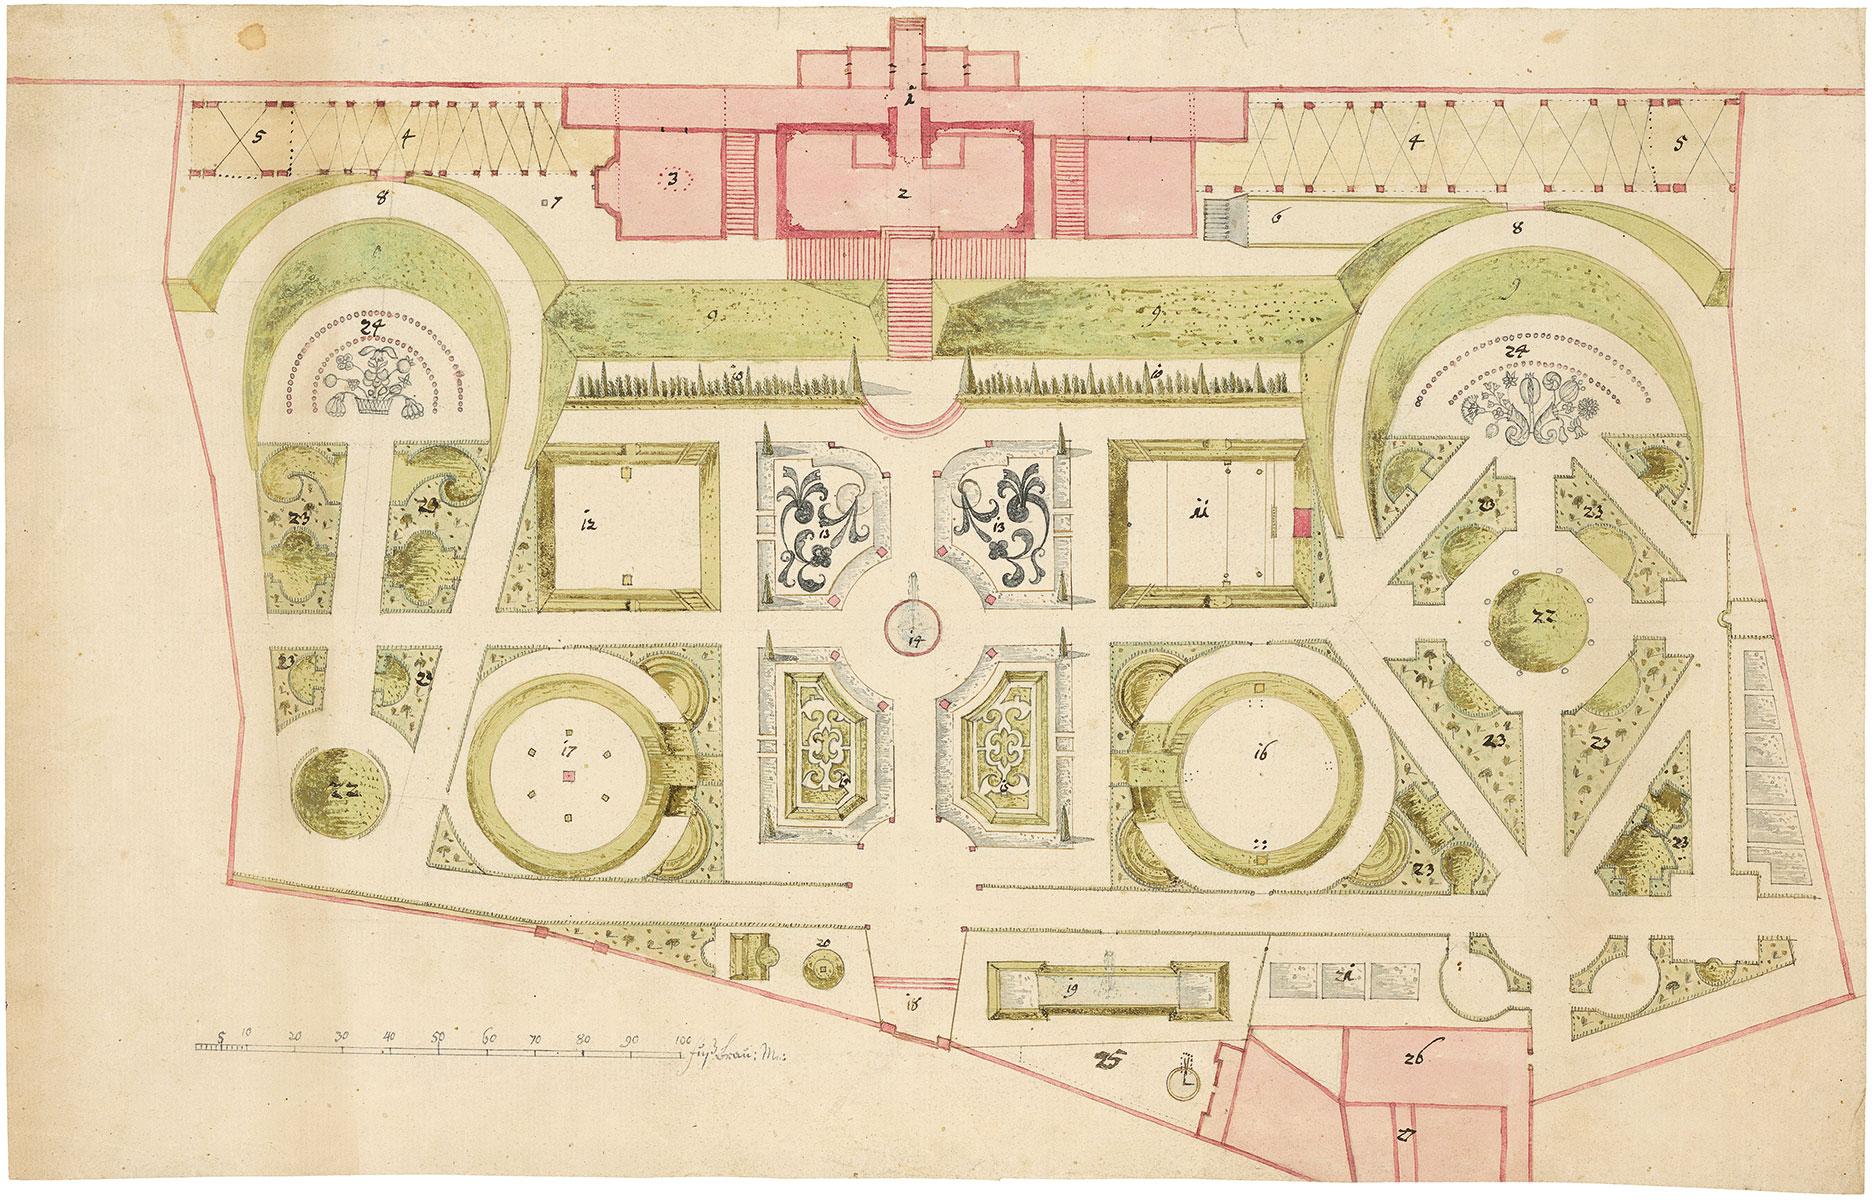 Planausschnitt für Gartenanlagen und ein Lustschloss, 26,5×42 cm; Staatliches Museum Schwerin © Staatliches Museum Schwerin